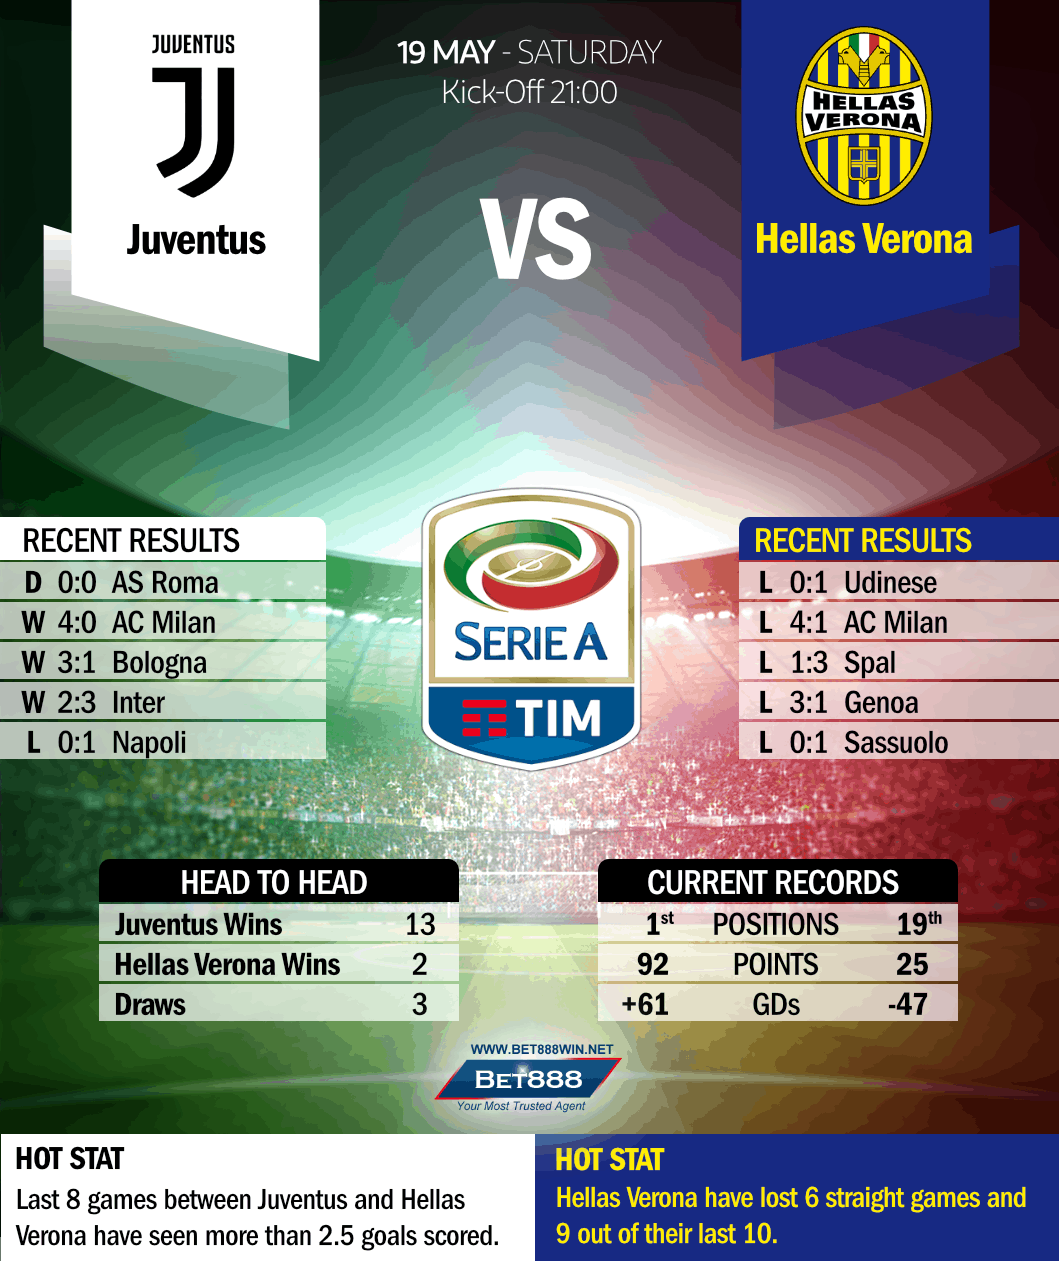 Juventus vs Hellas Verona 19/05/18